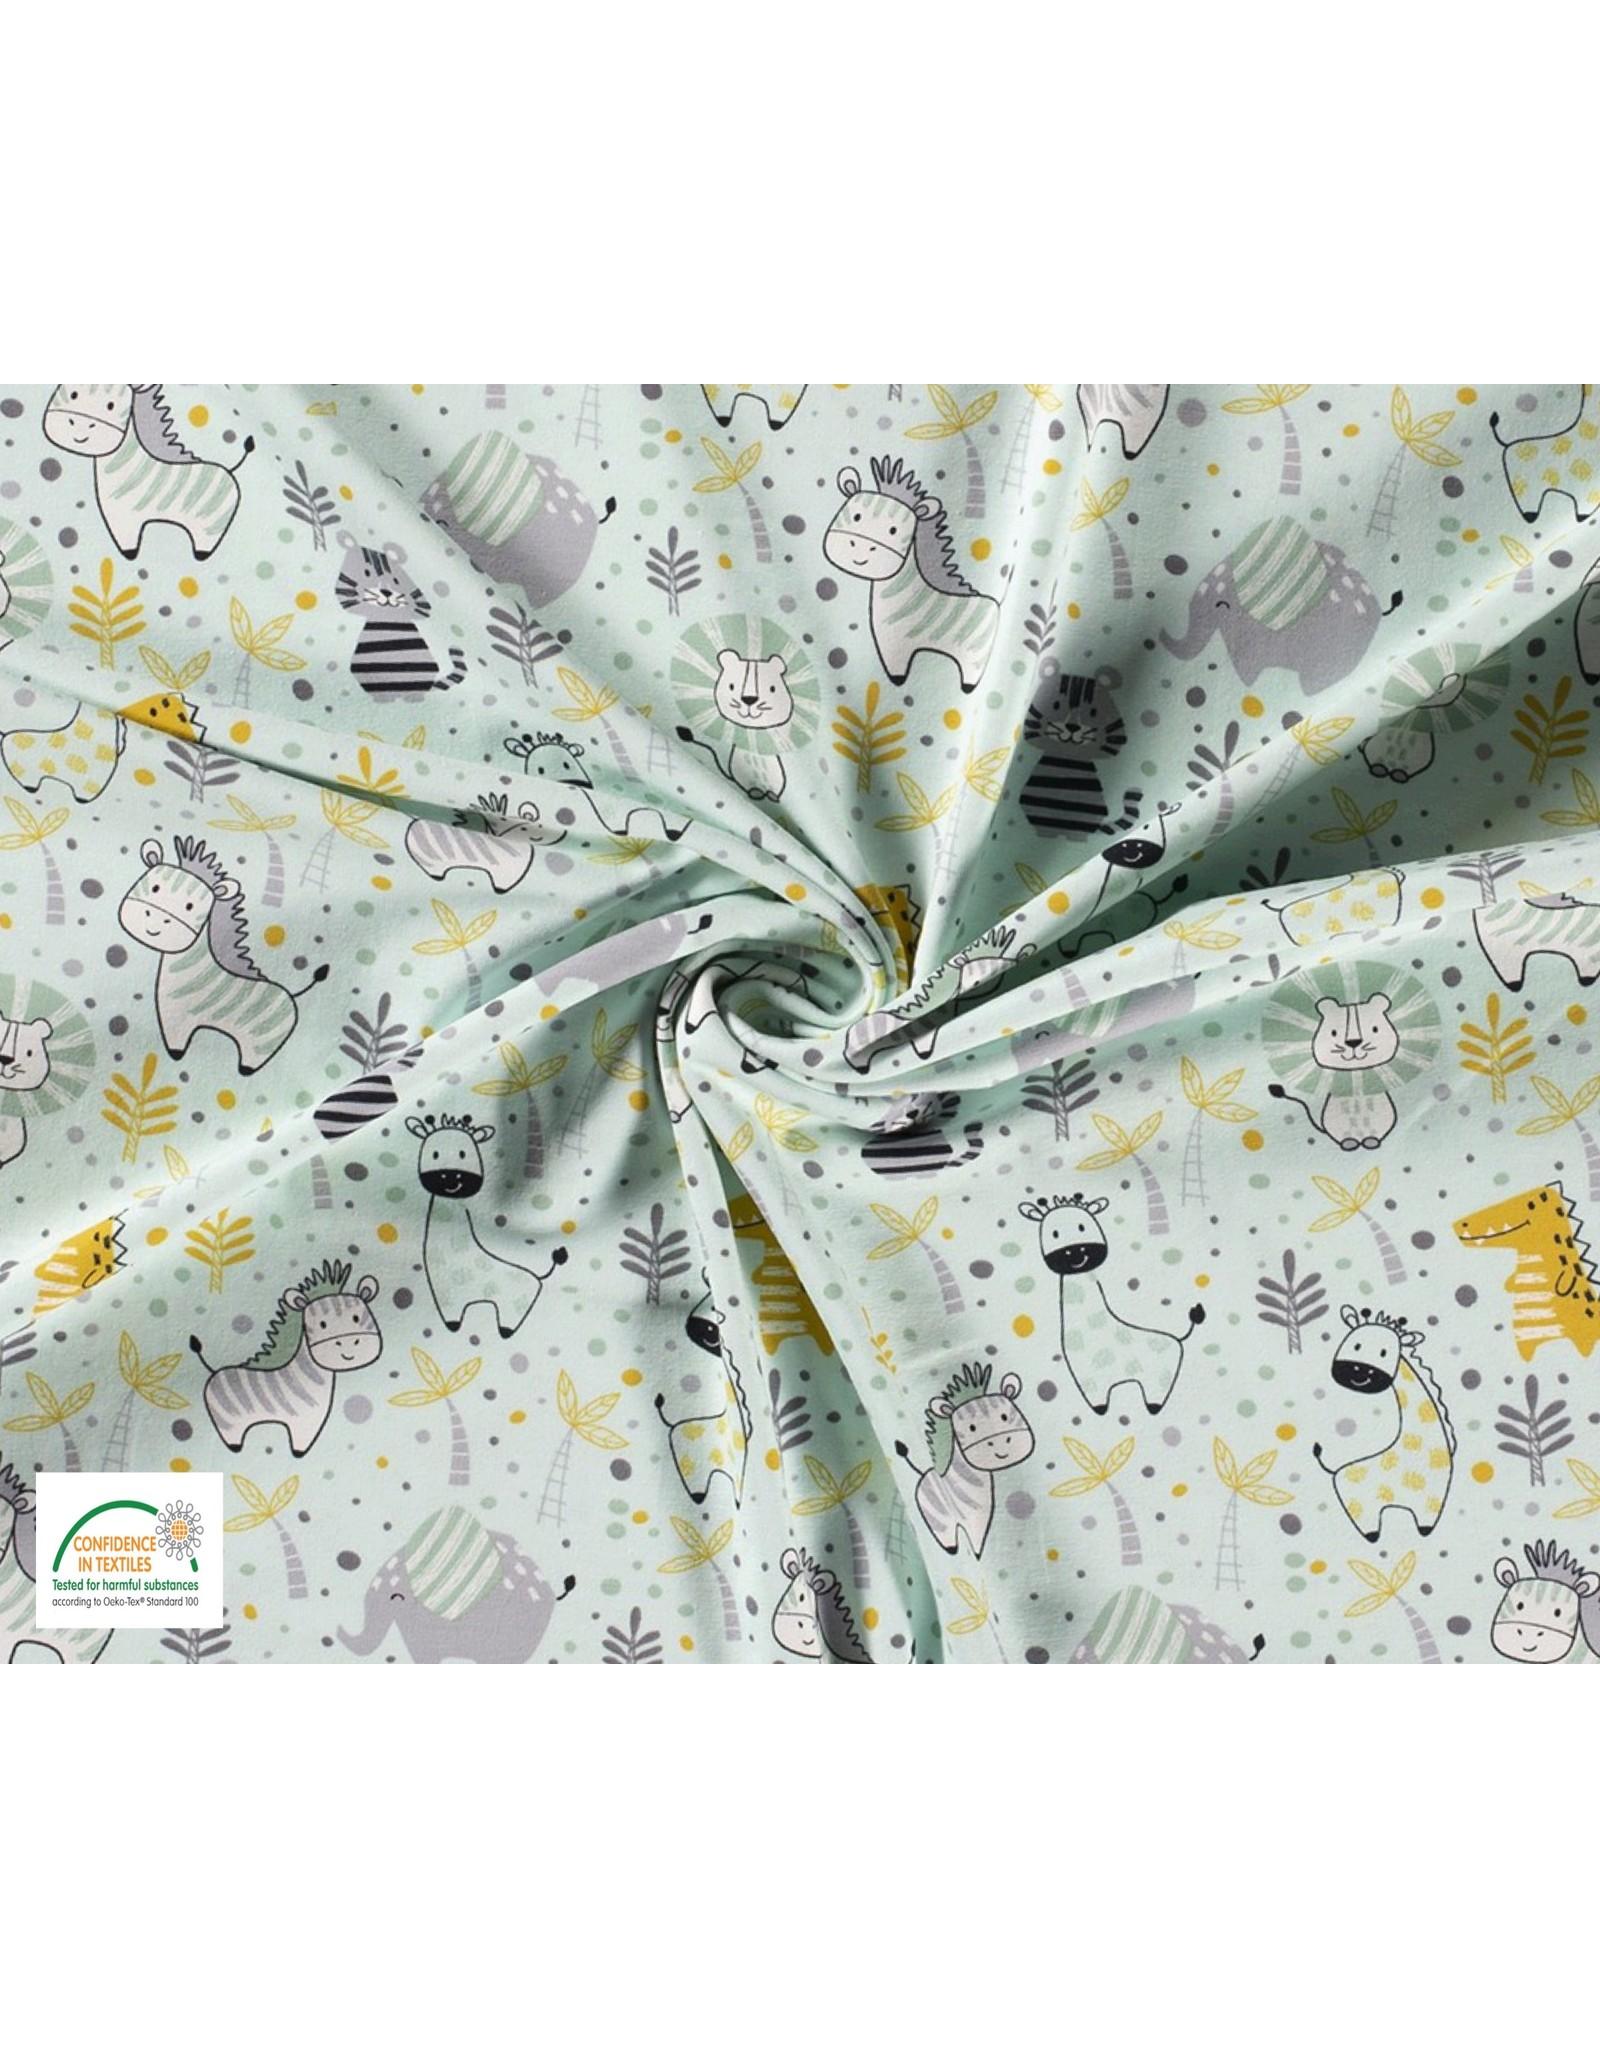 Nooteboom Textiles Baumwolljersey gedruckt